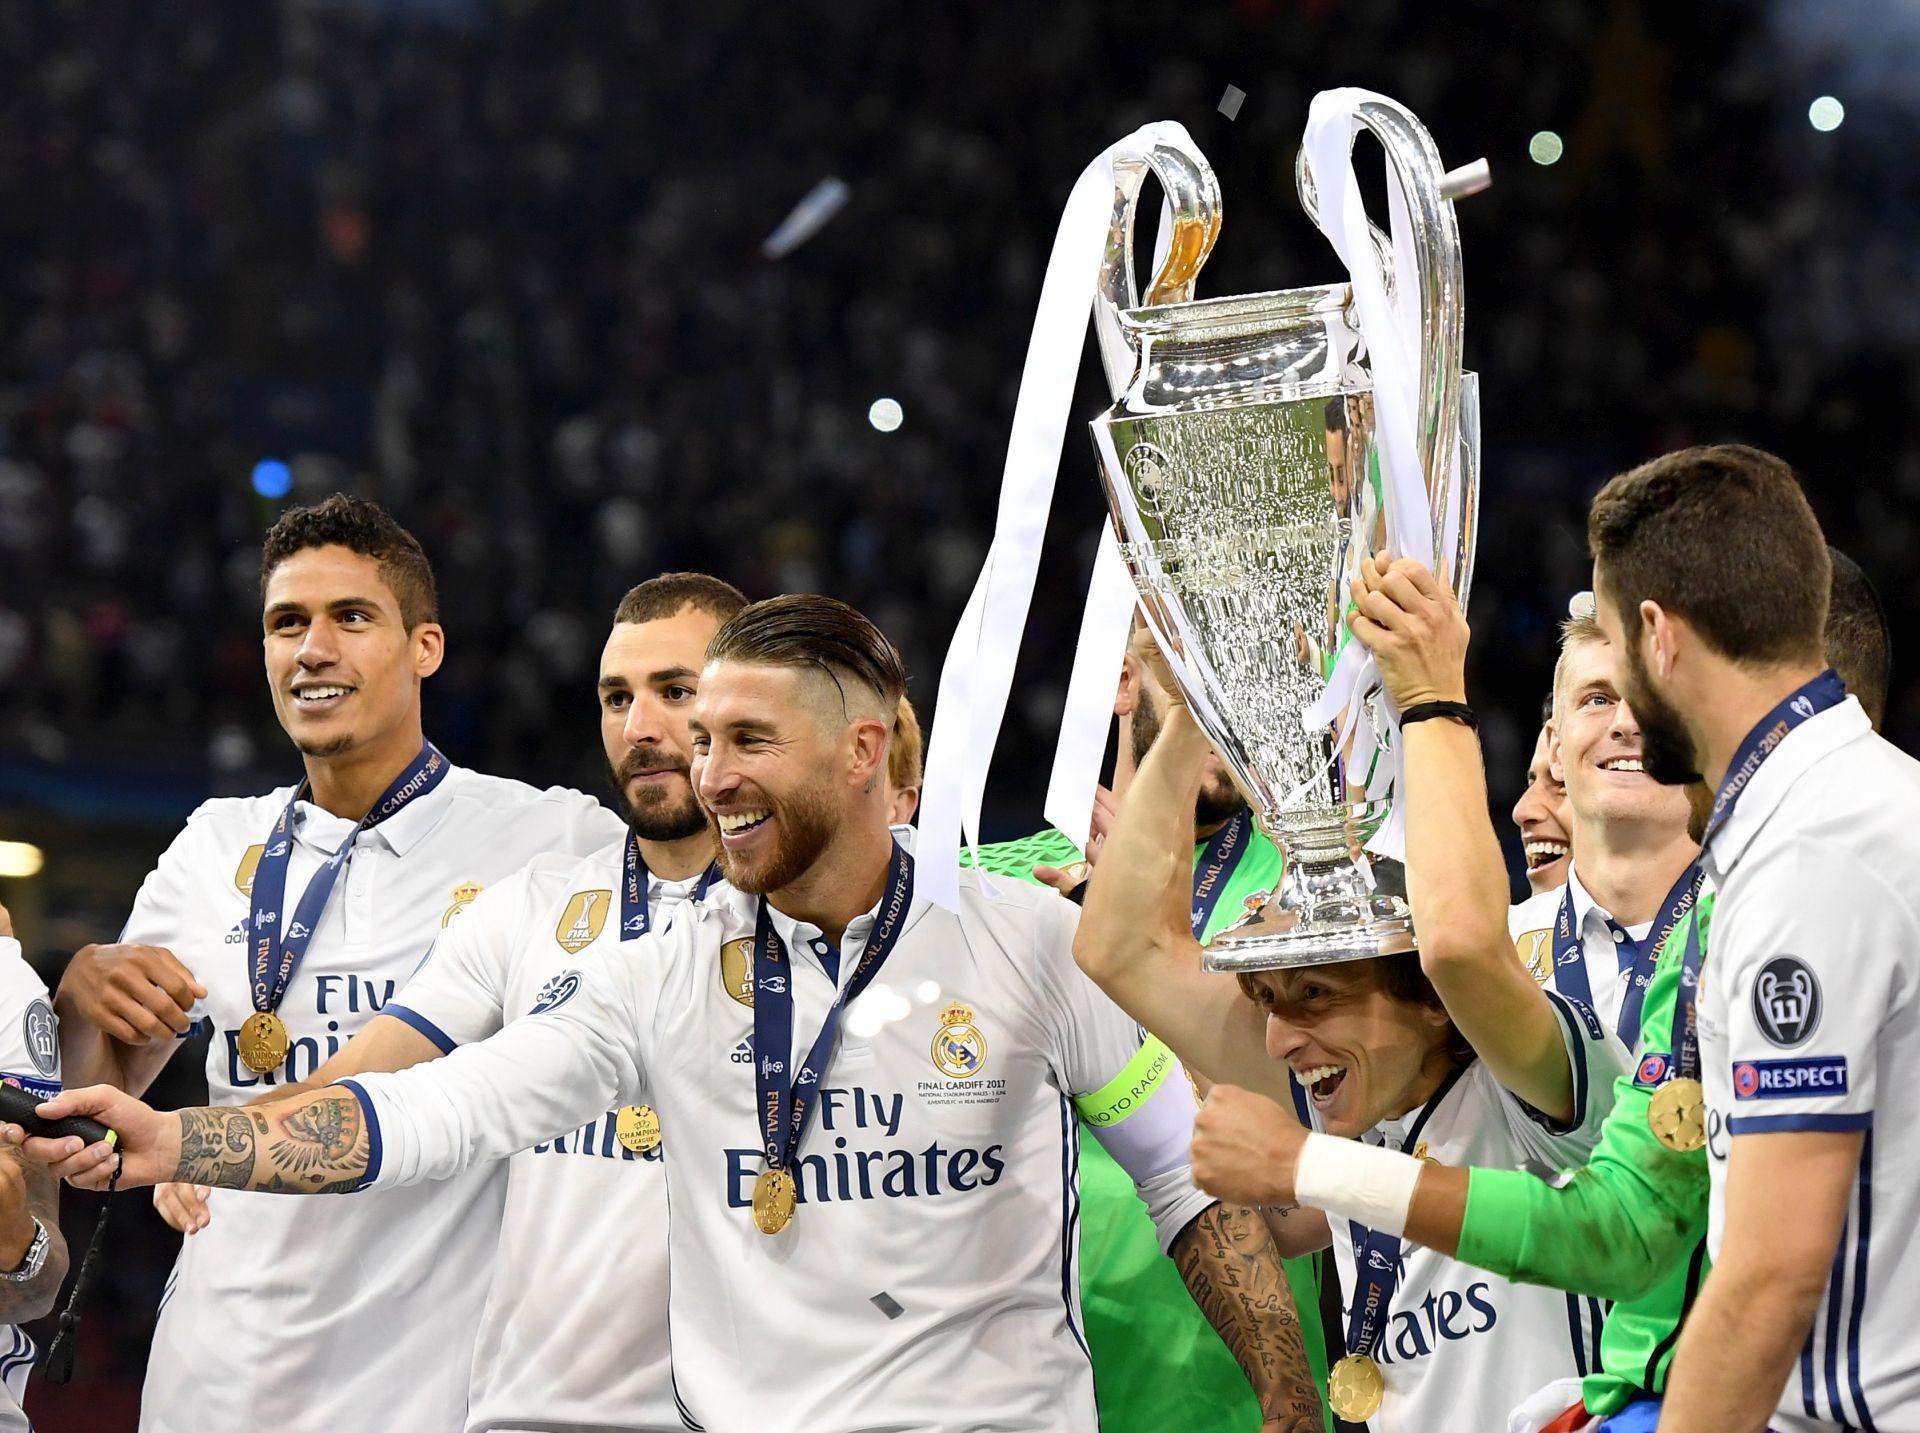 UEFA ove sezone klubovima daje 1.7 milijardi eura